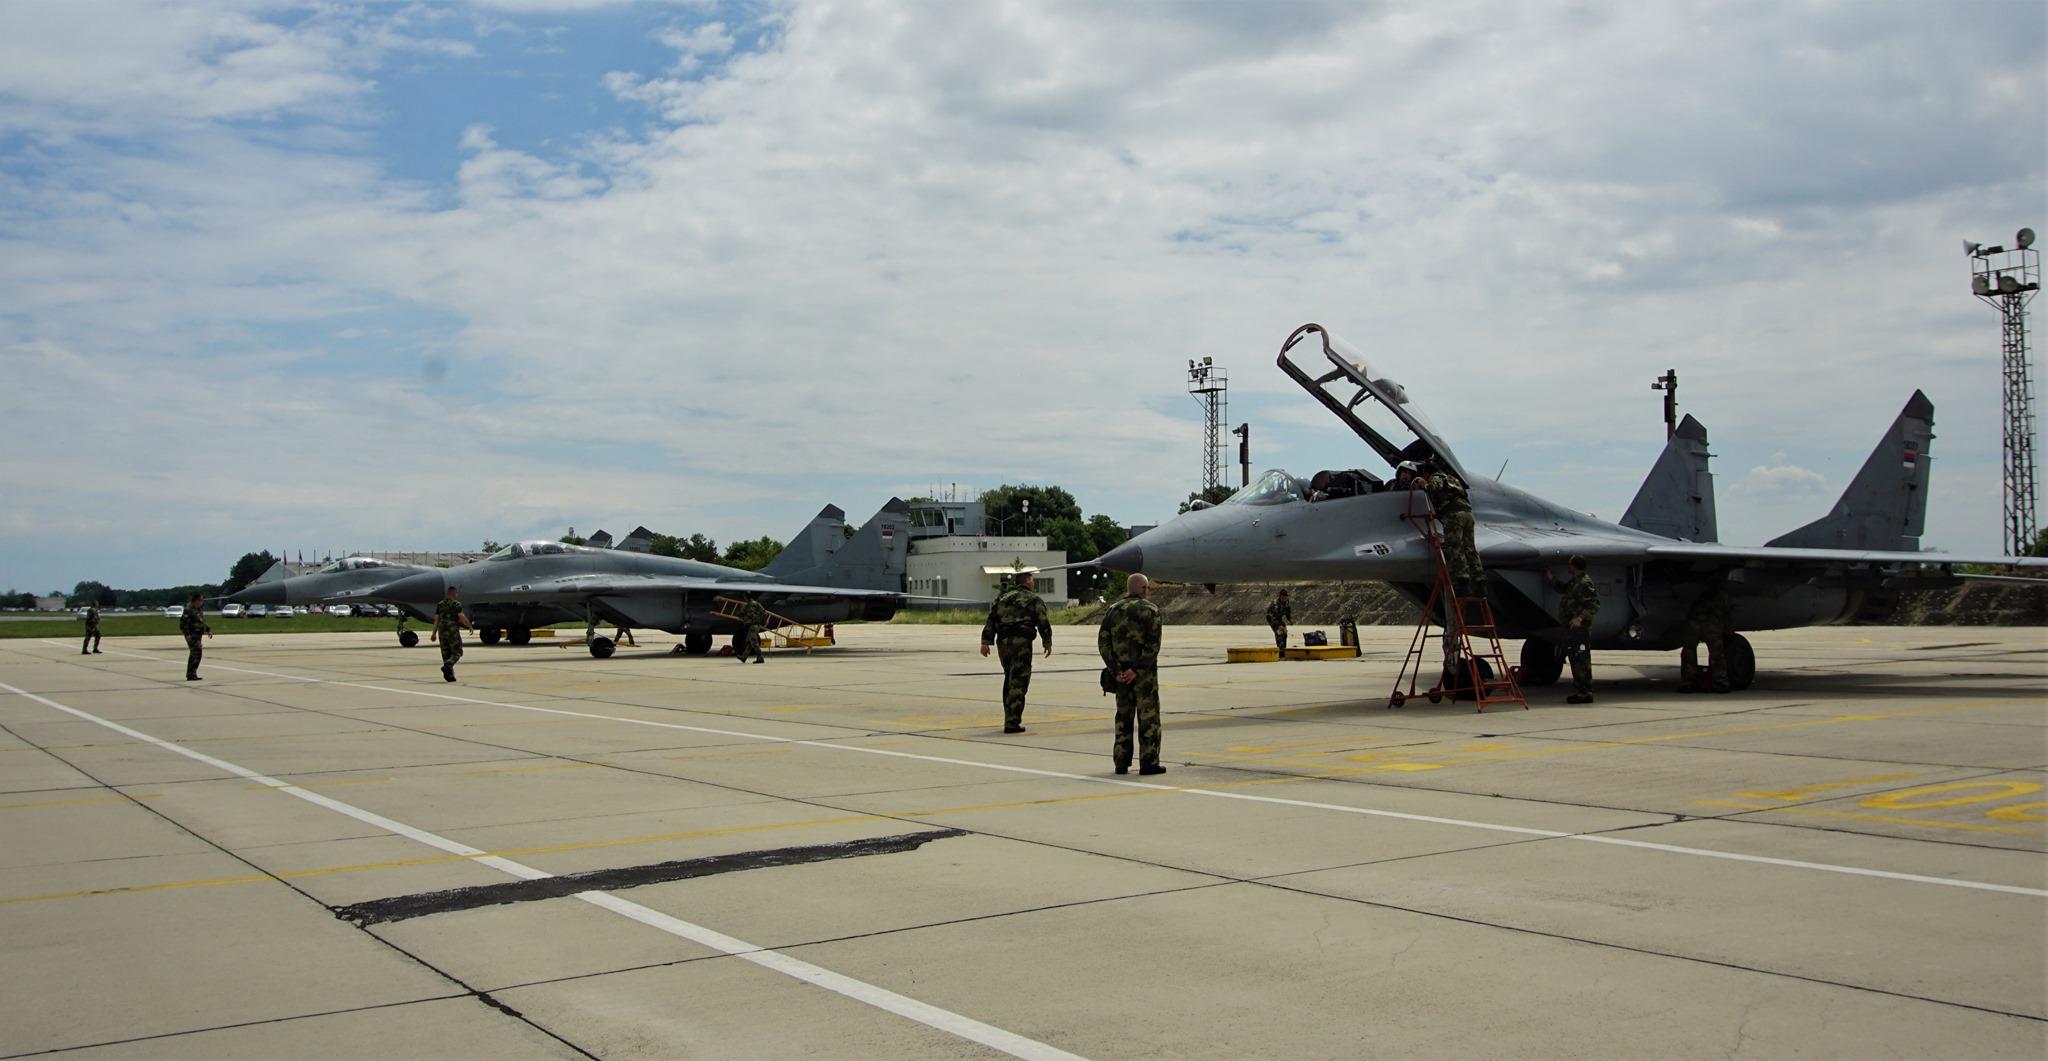 Български и сръбски екипажи на МиГ-29 ще участват съвместно в стрелби на зенитен полигон на ВВС - Шабла